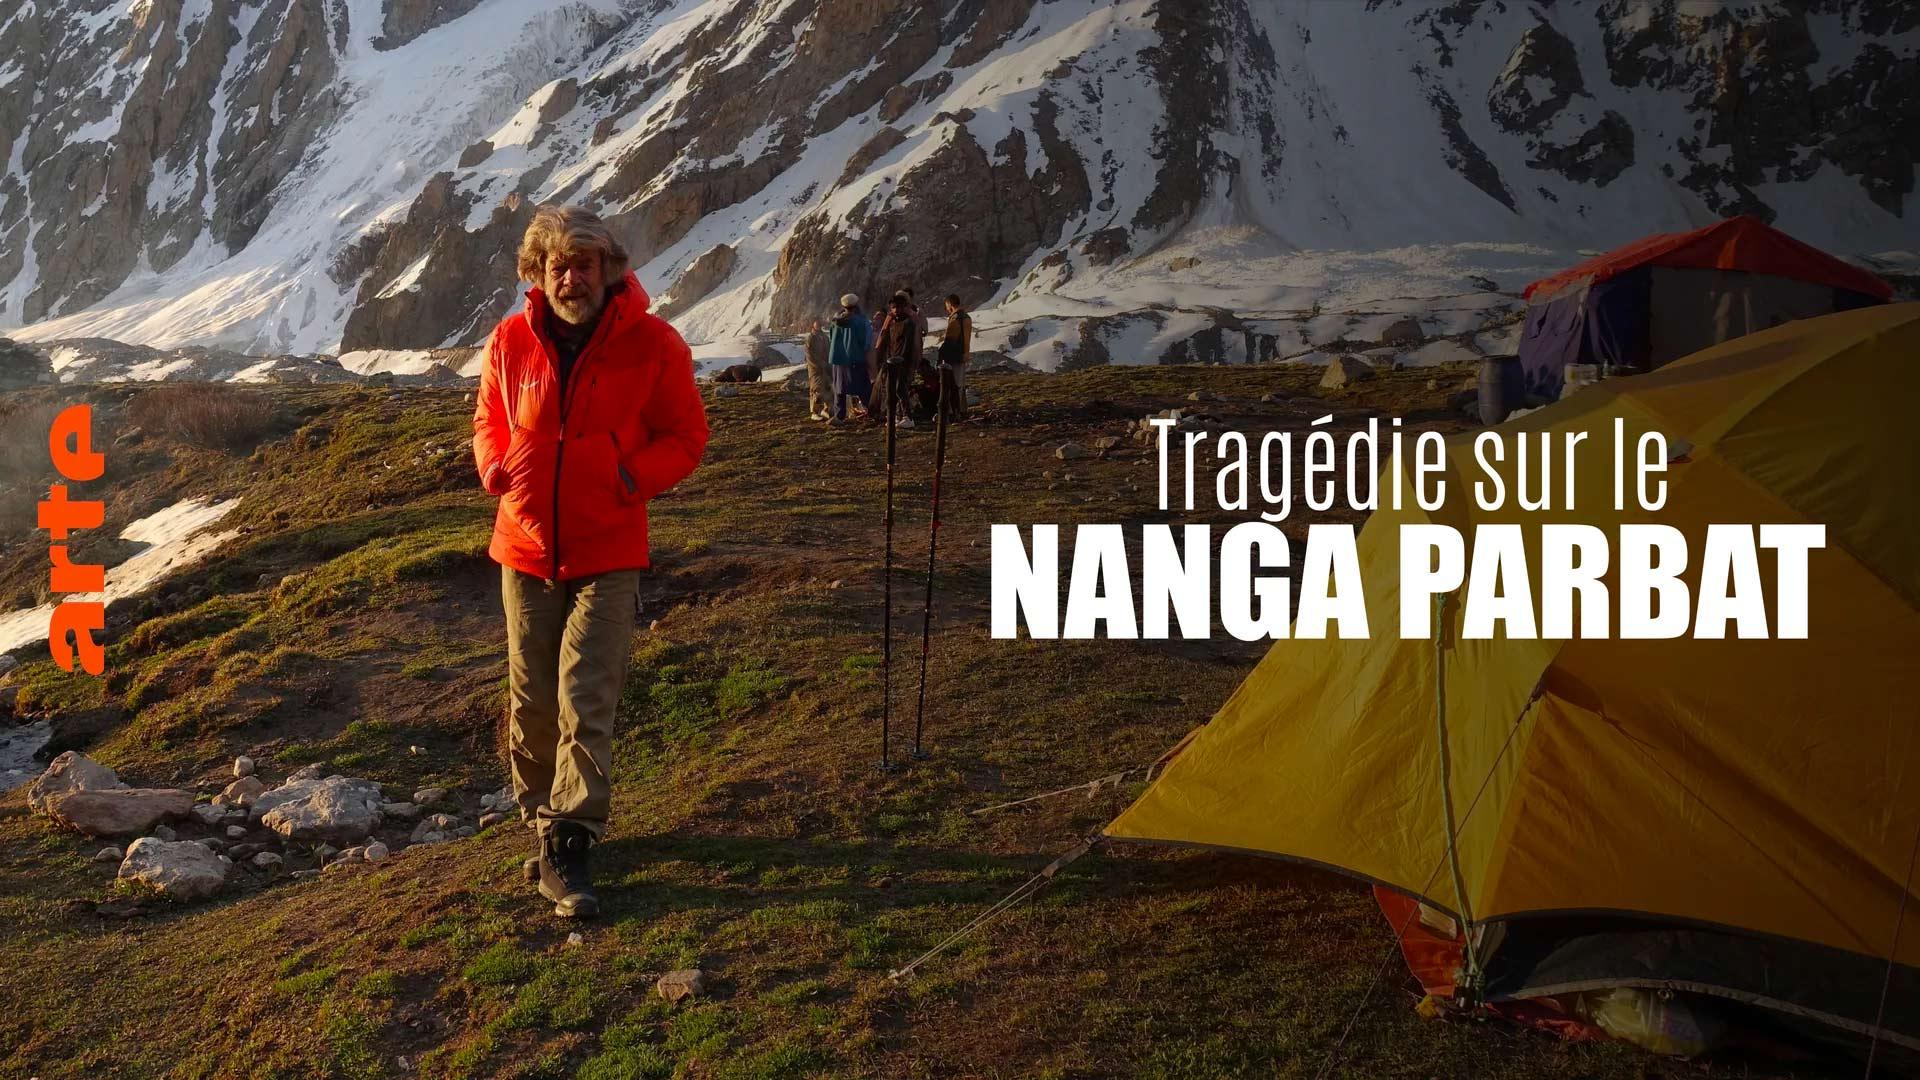 Arte : Tragédie sur le Nanga Parbat : le drame des frères Messner